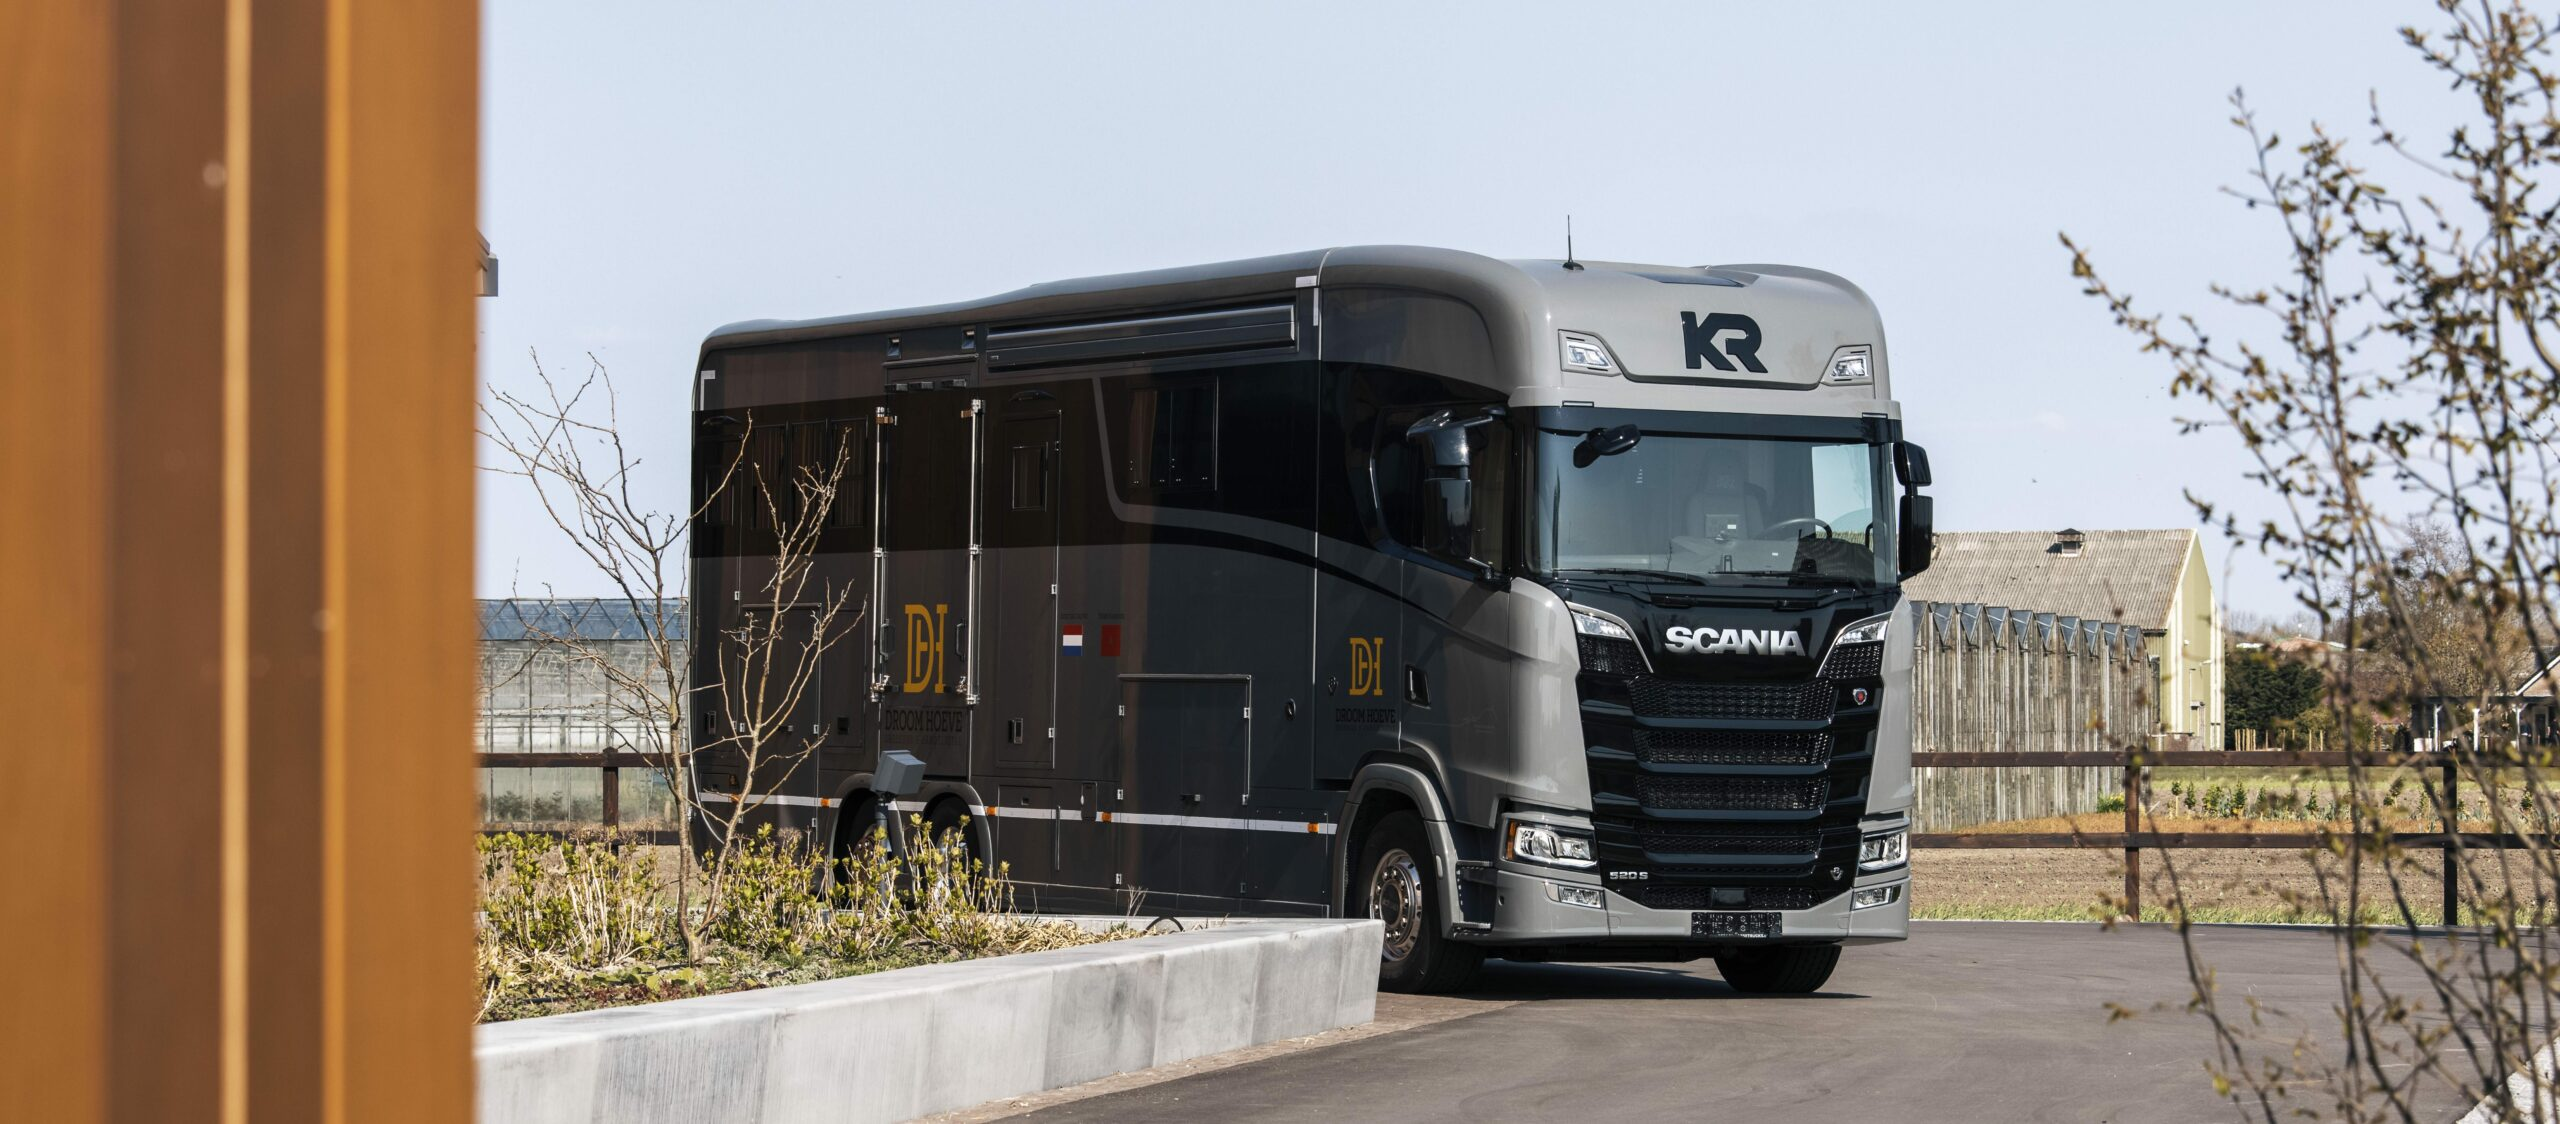 Krismar paardenvrachtwagen in bruin/grijs kleur